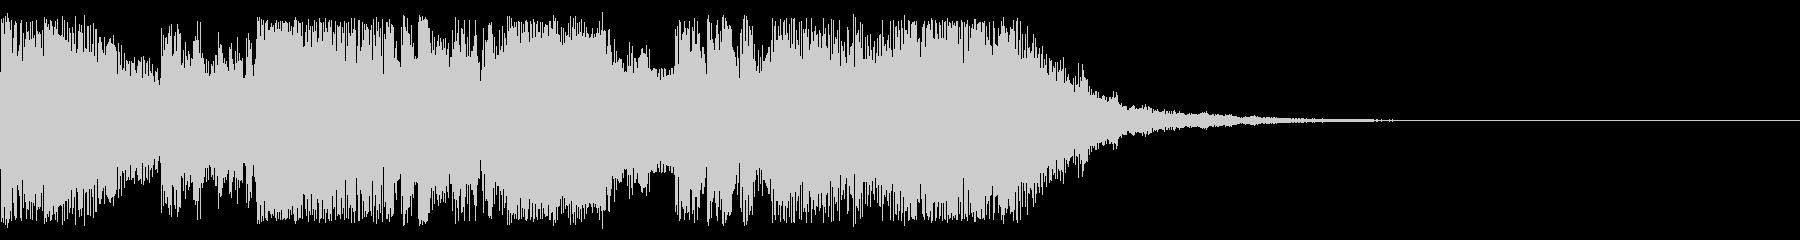 ステータス更新時のサウンドの未再生の波形